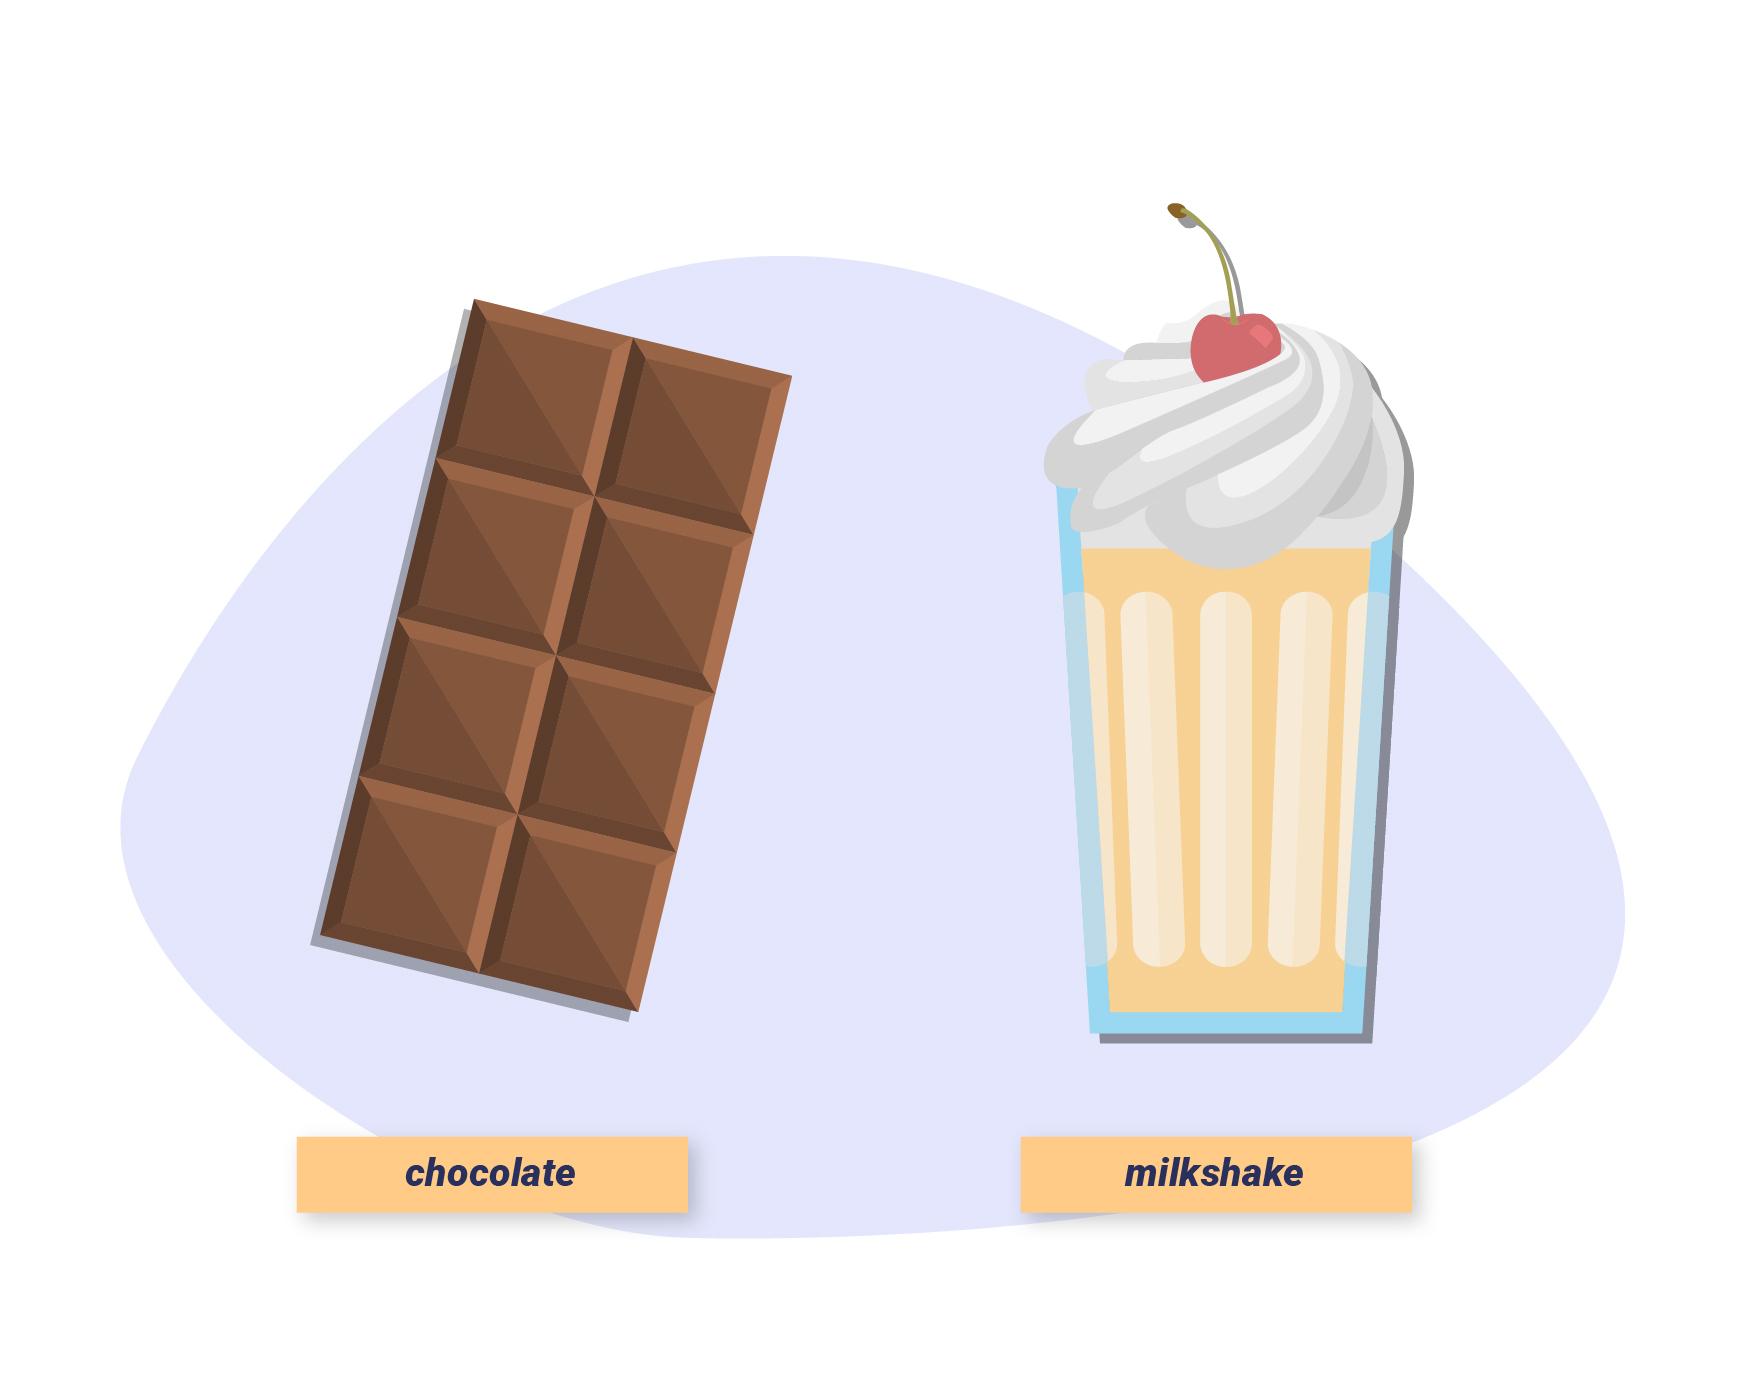 Chocolate and milkshake illustration